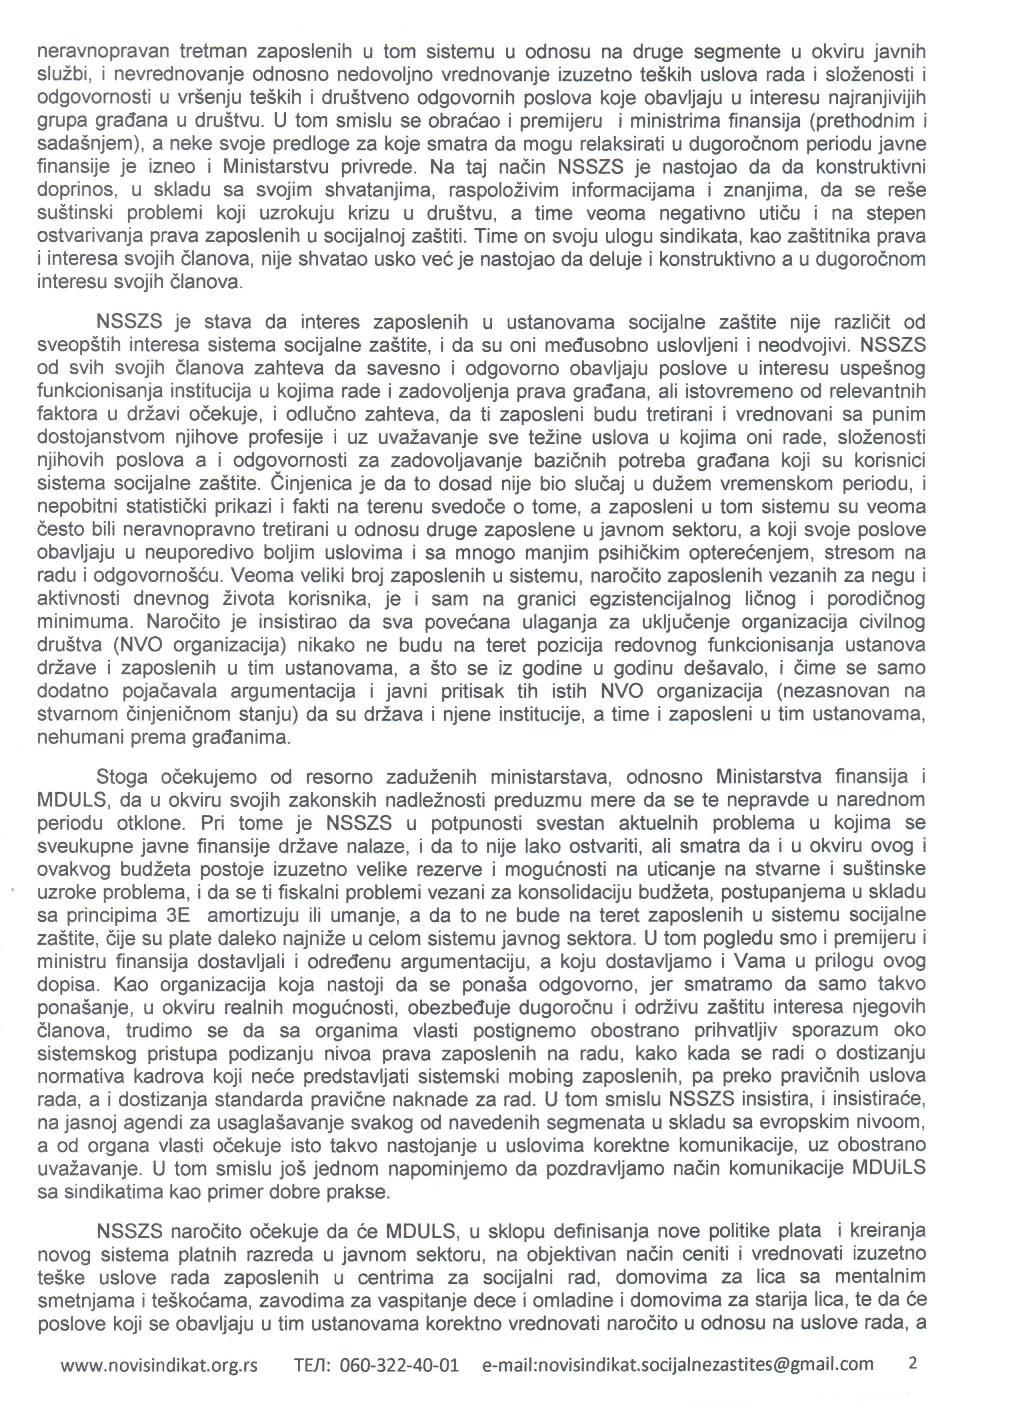 ОДГОВОР МИНИСТРУ ДРЖАВНЕ УПРАВЕ И ЛОКАЛНЕ САМОУПРАВЕ - 2